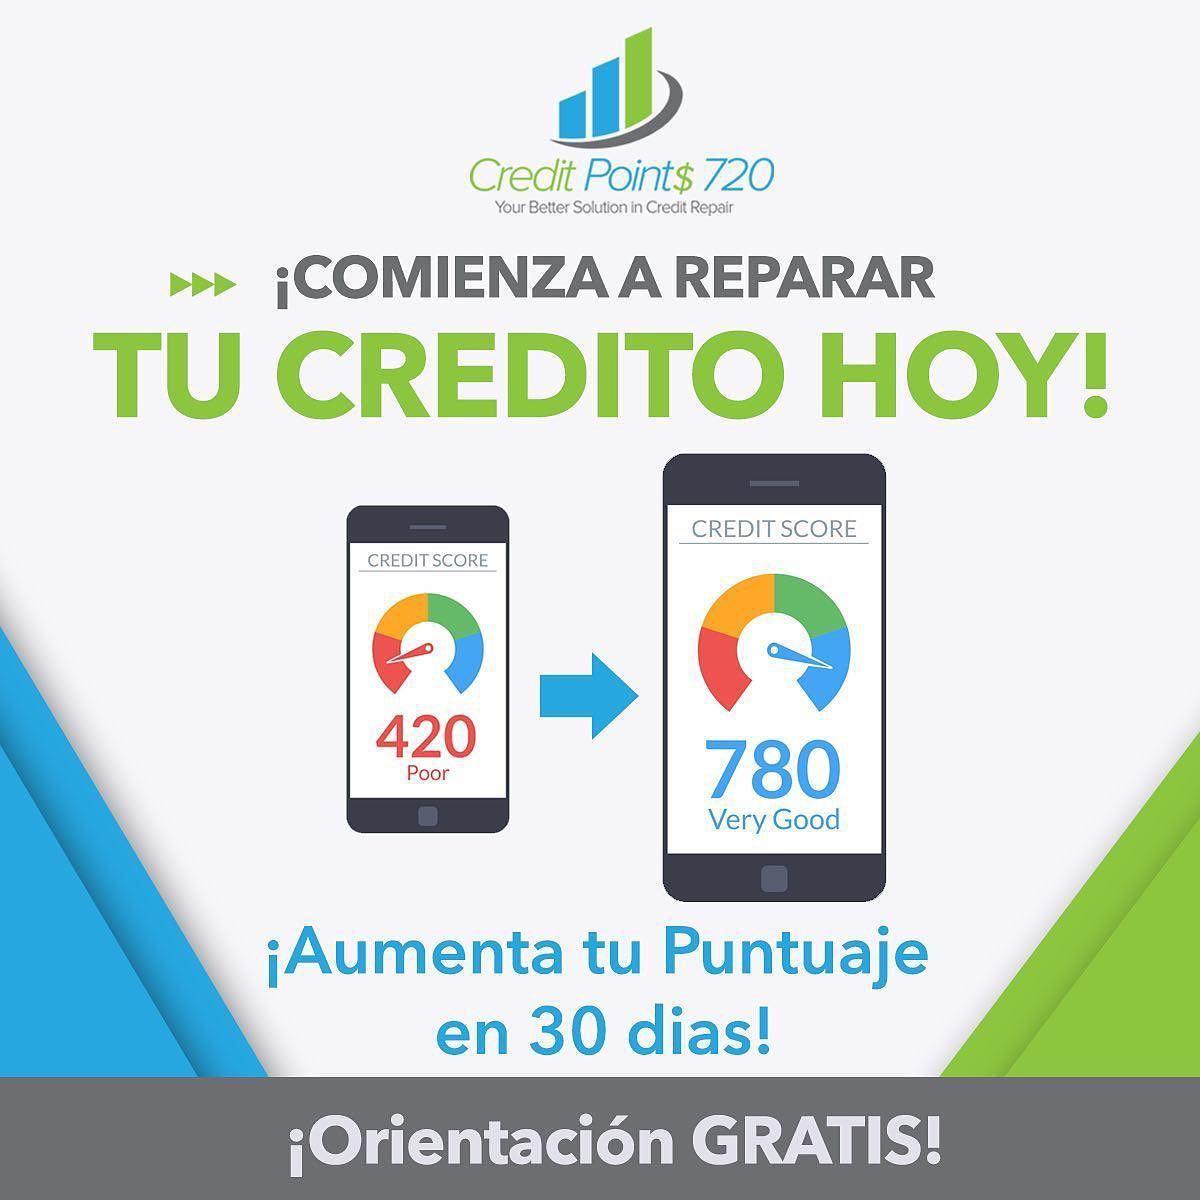 Reparación de Credito! Resultados positivos en 30 días. La consulta es completamente Gratis (Estados Unidos y Puerto Rico) Hablemos hoy por DM #reparaciondecredito #creditrepair #creditpoints720 #creditpoints720miamipic.twitter.com/aAse9CvHtw